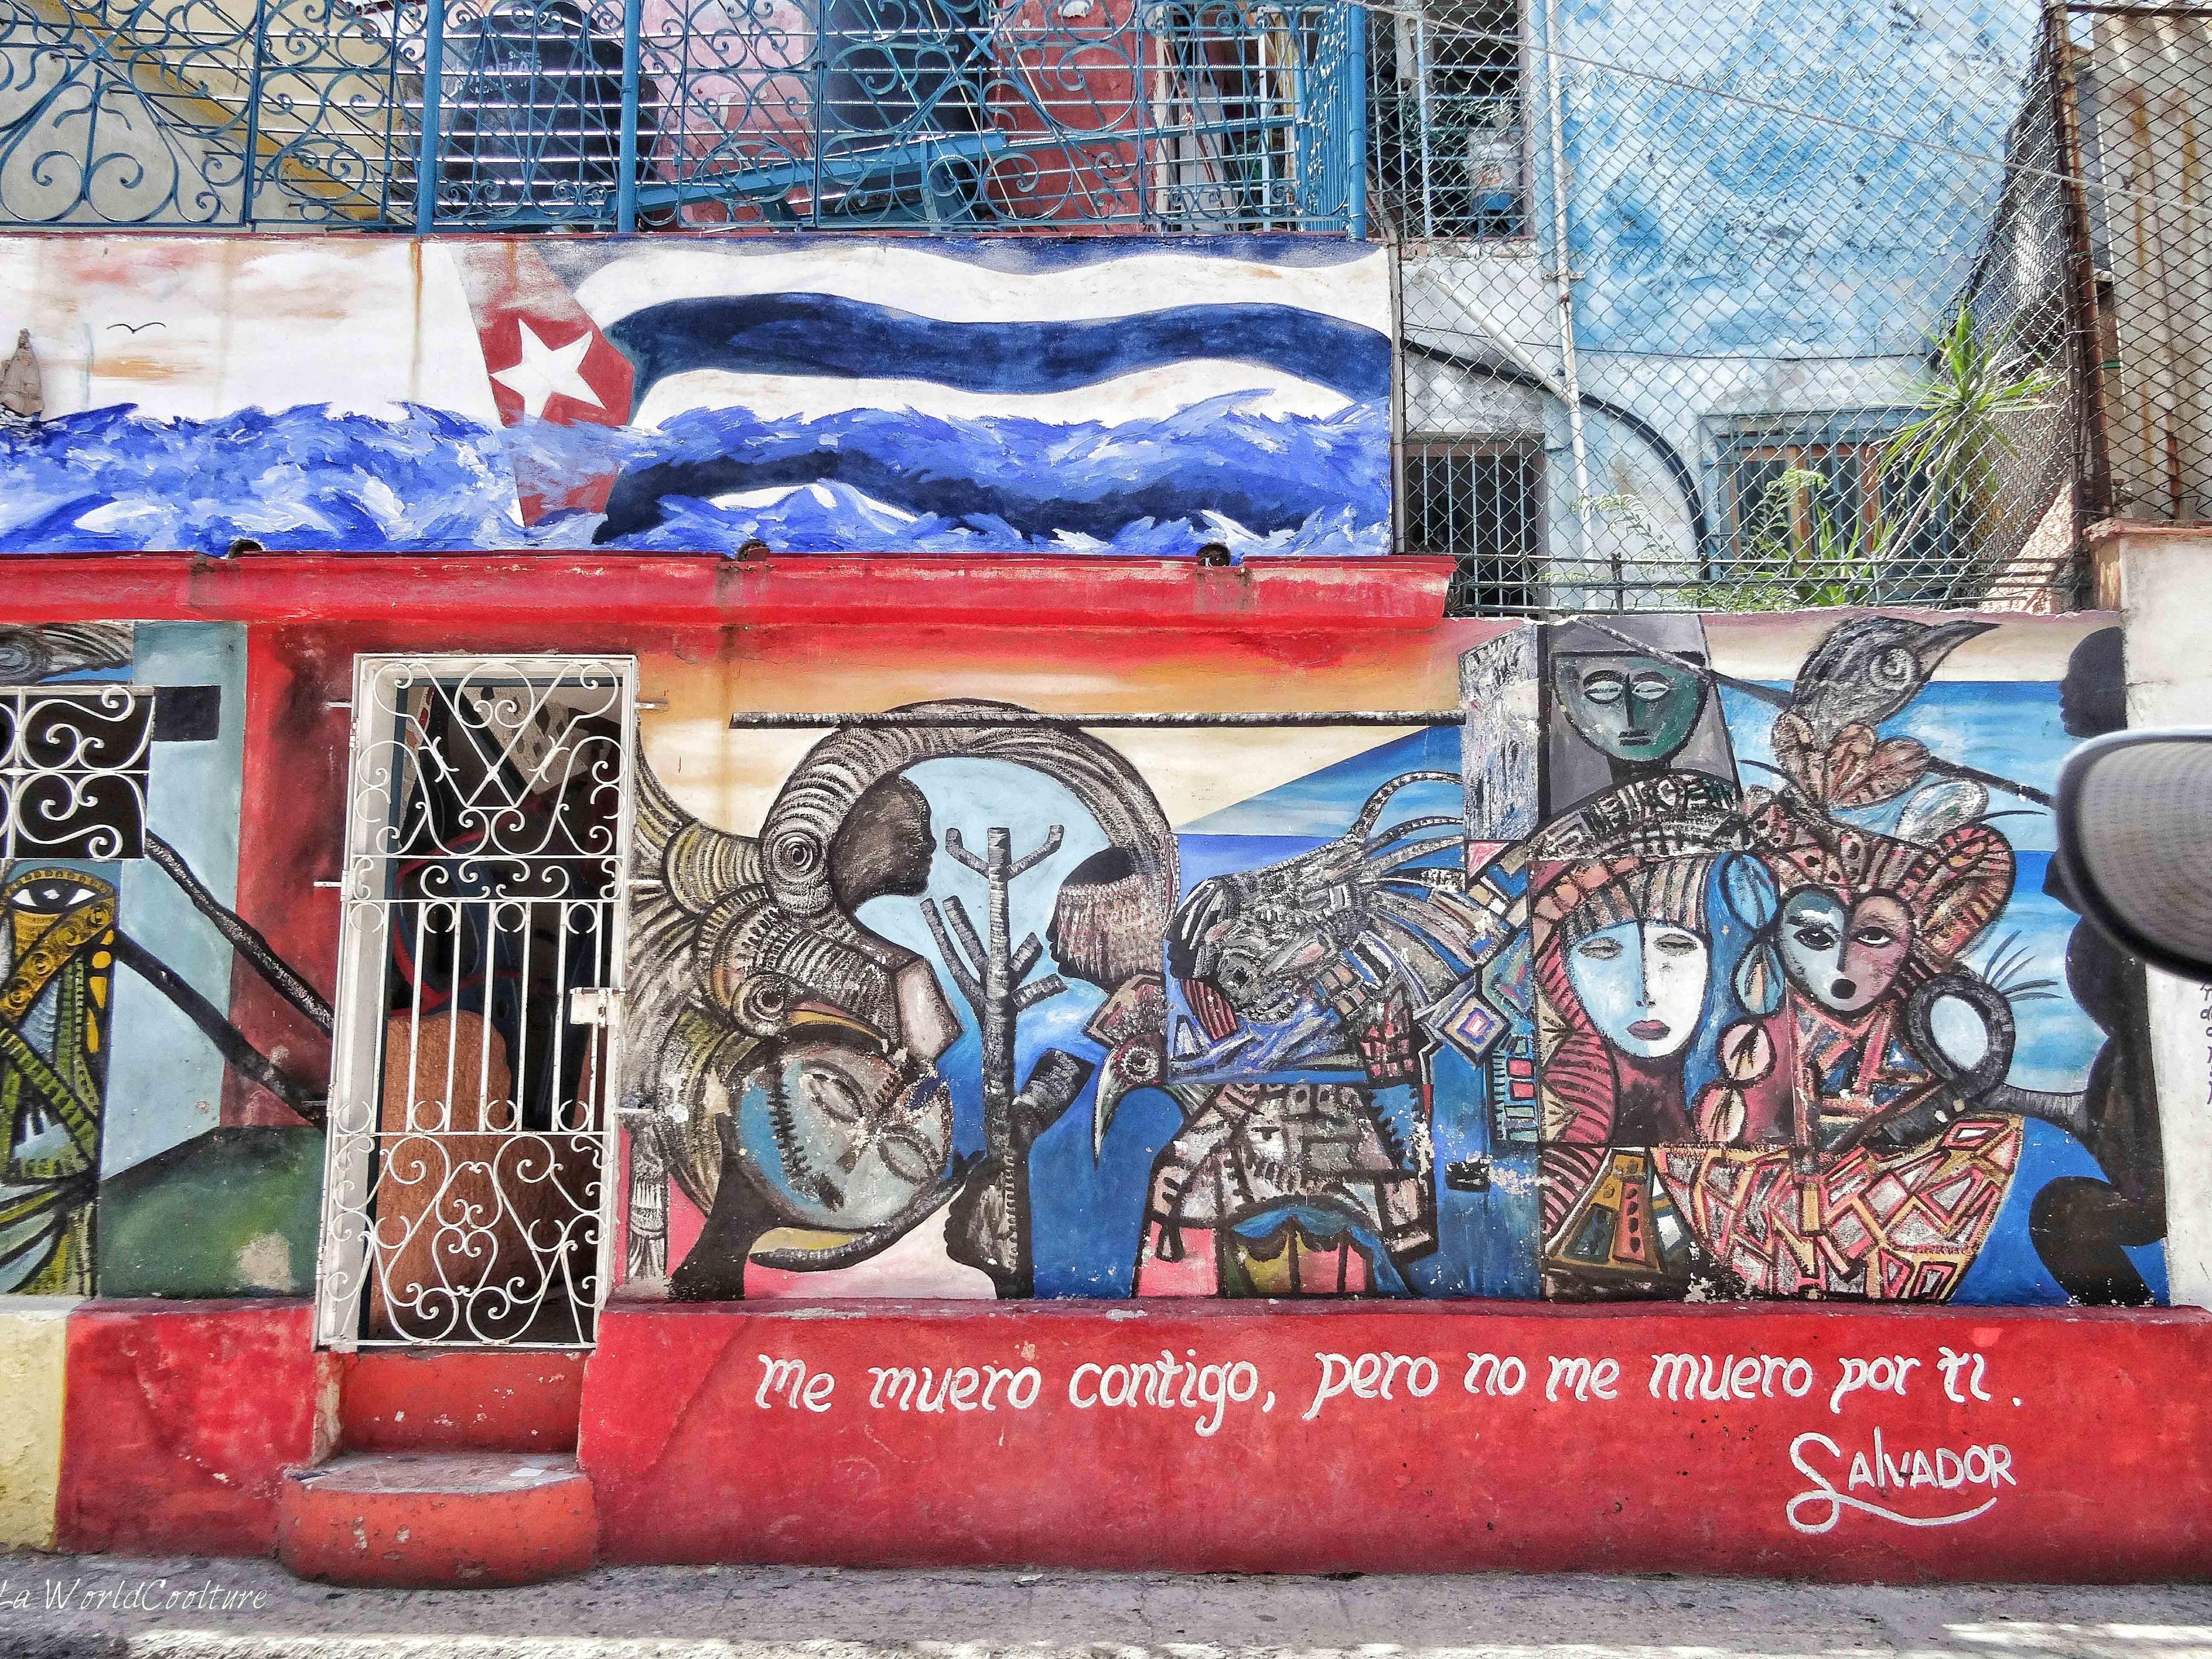 graffiti-callejon-hamel-la-havane-cuba